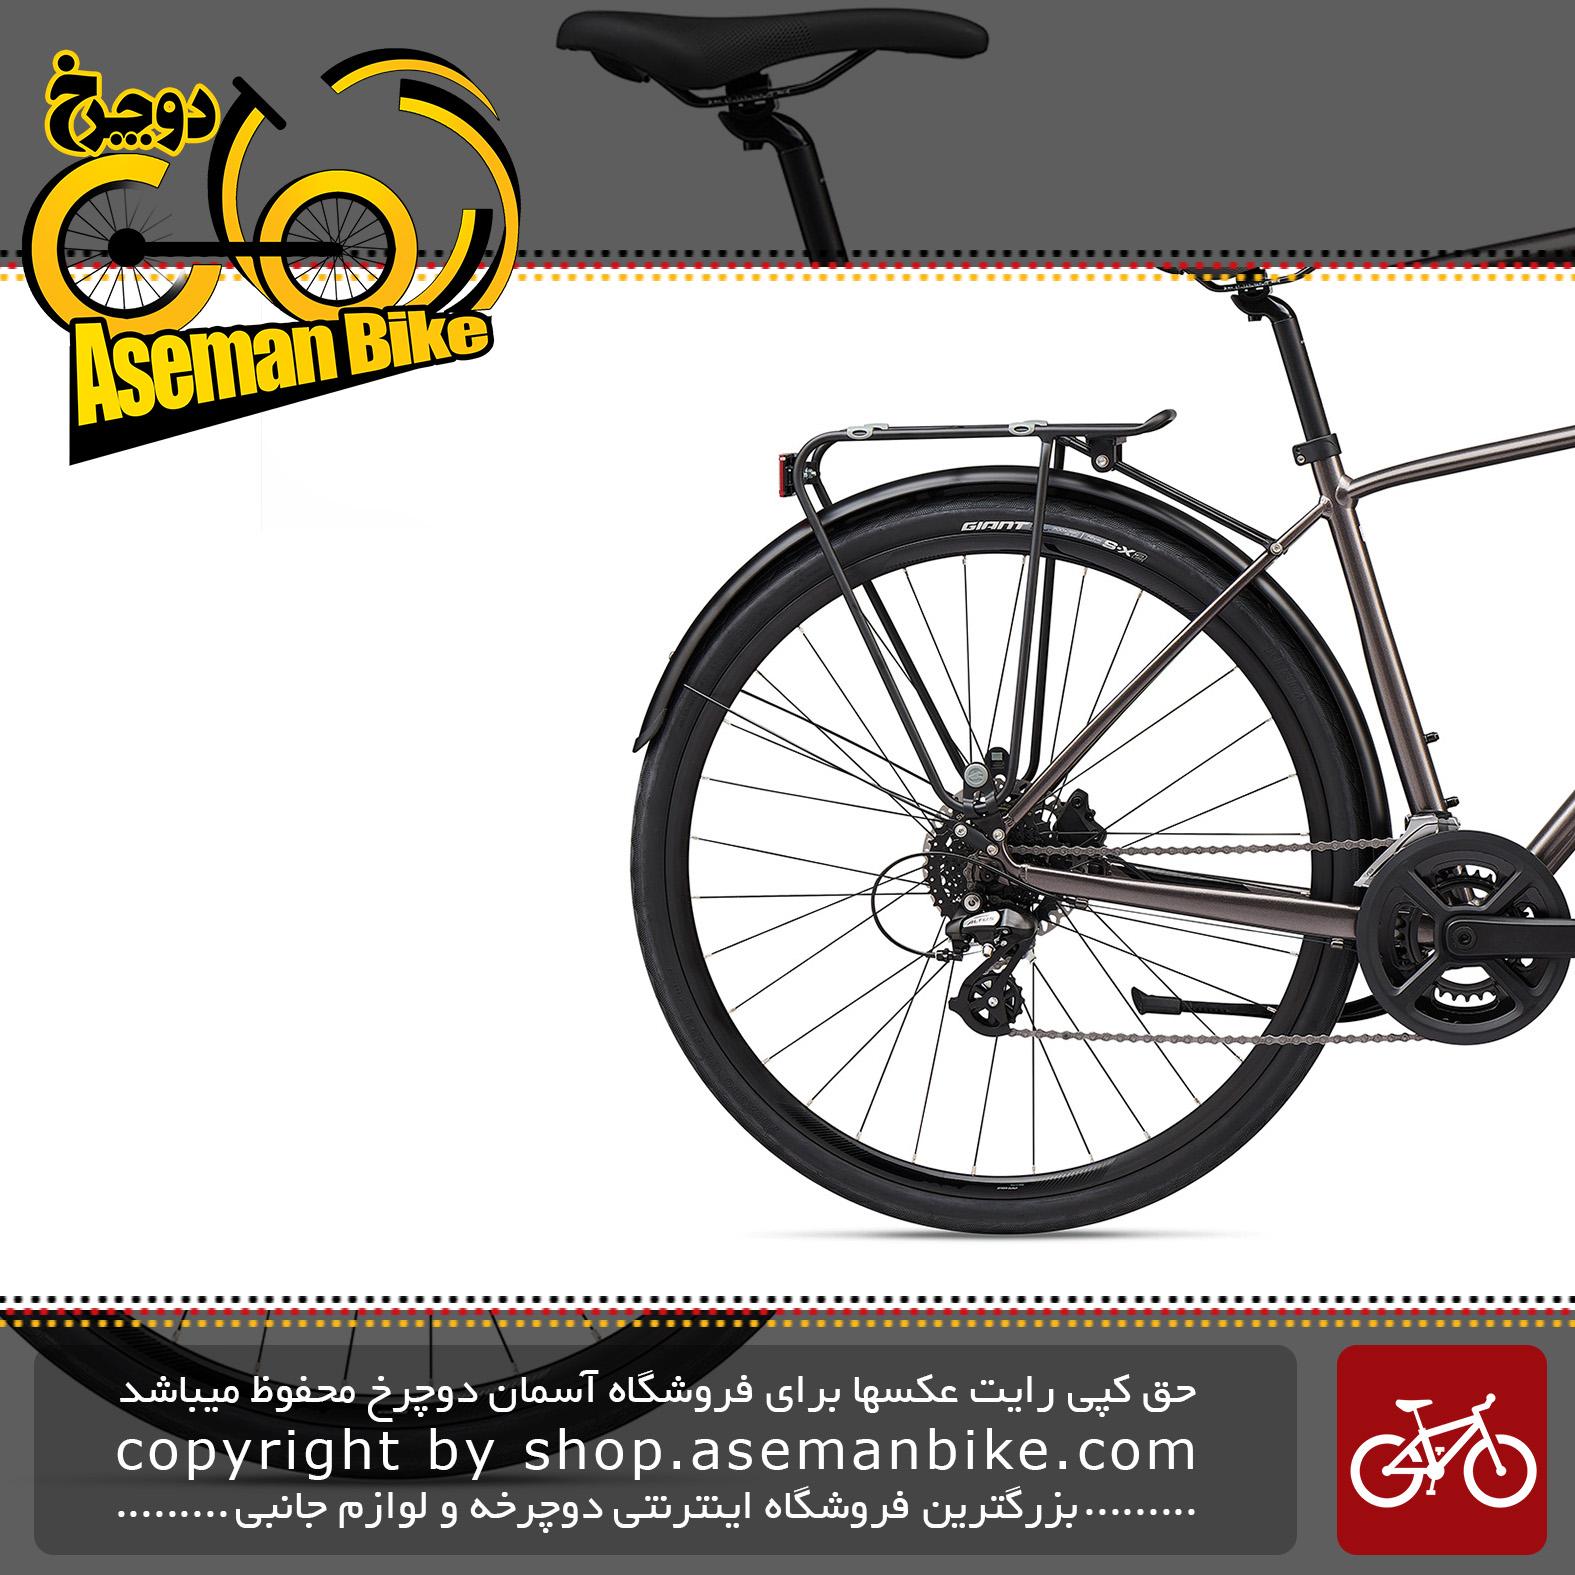 دوچرخه شهری جاینت مدل اسکیپ سیتی دیسک هیدرولیک 2 2020 Giant City Bicycle Escape City Disc 2 2020